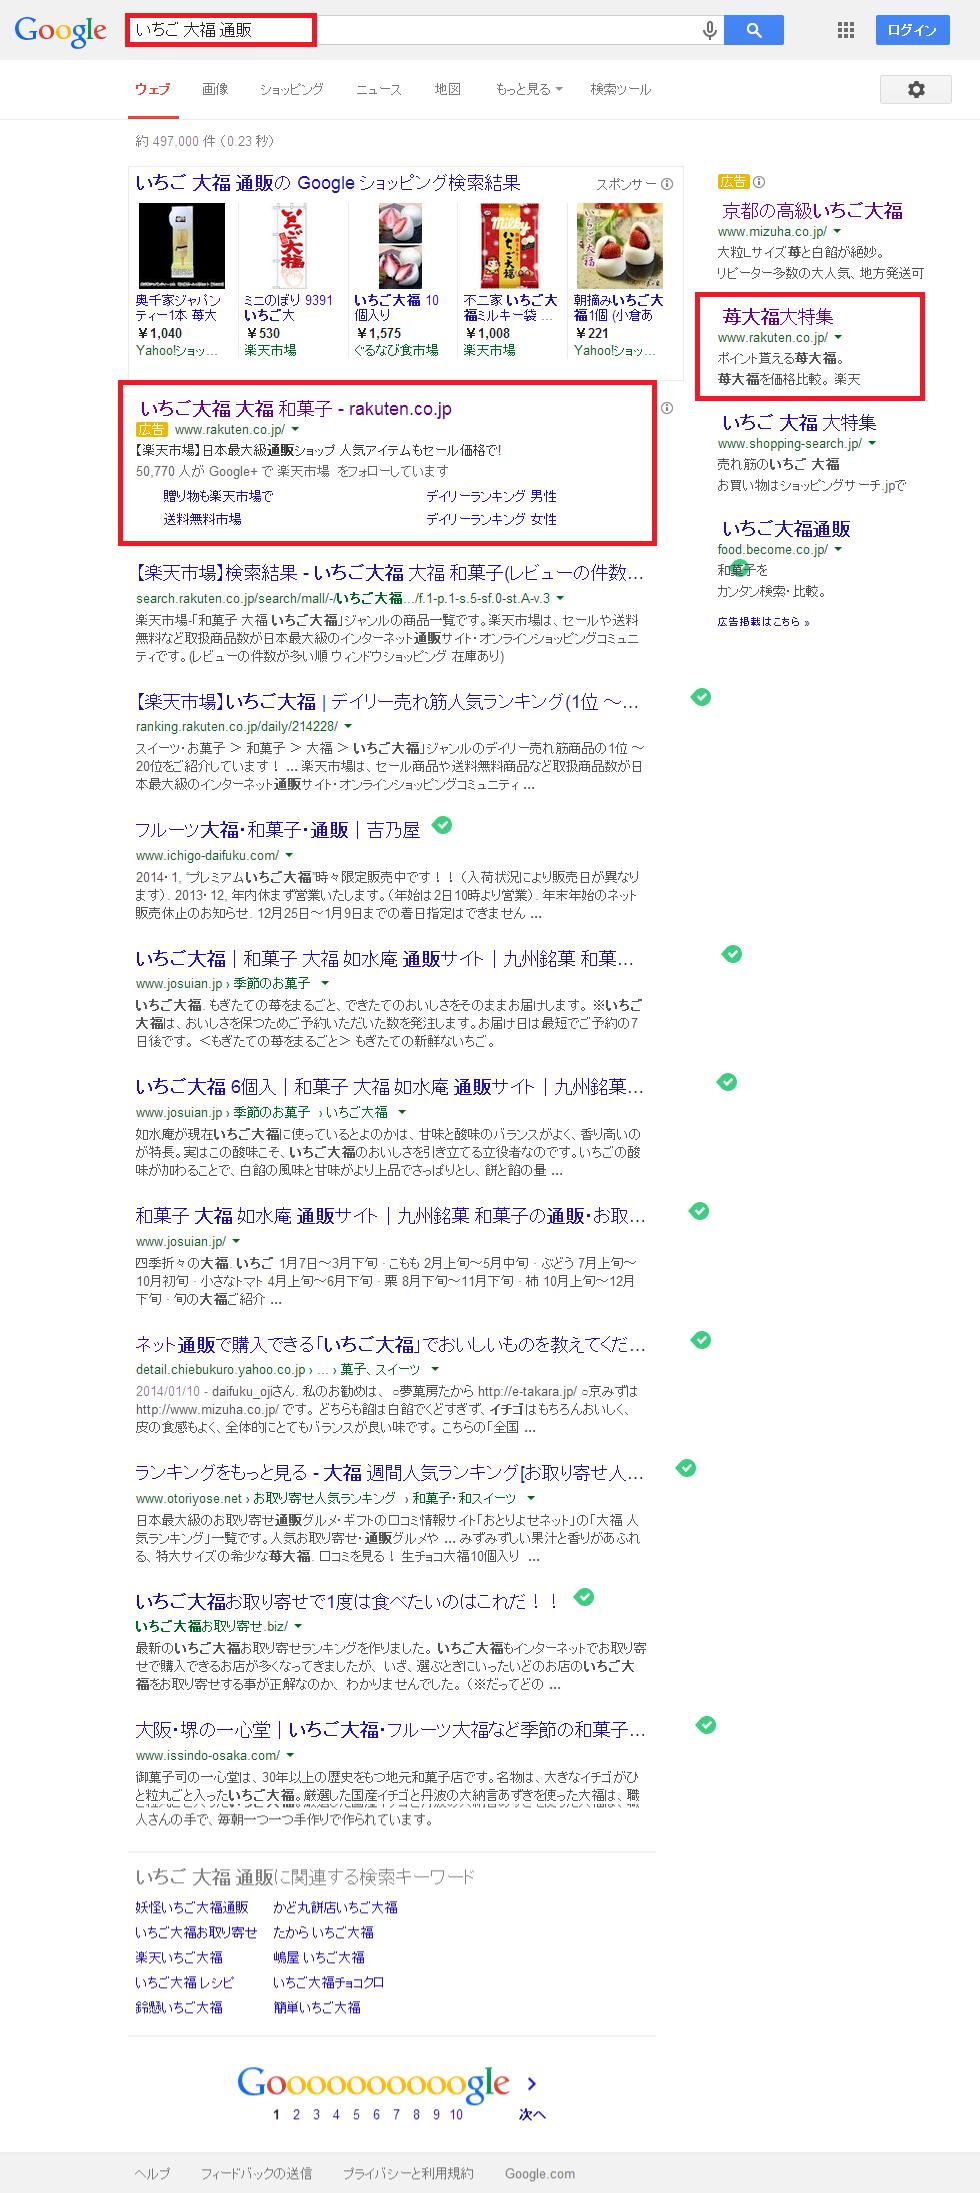 いちご 大福 通販   Google 検索1.png